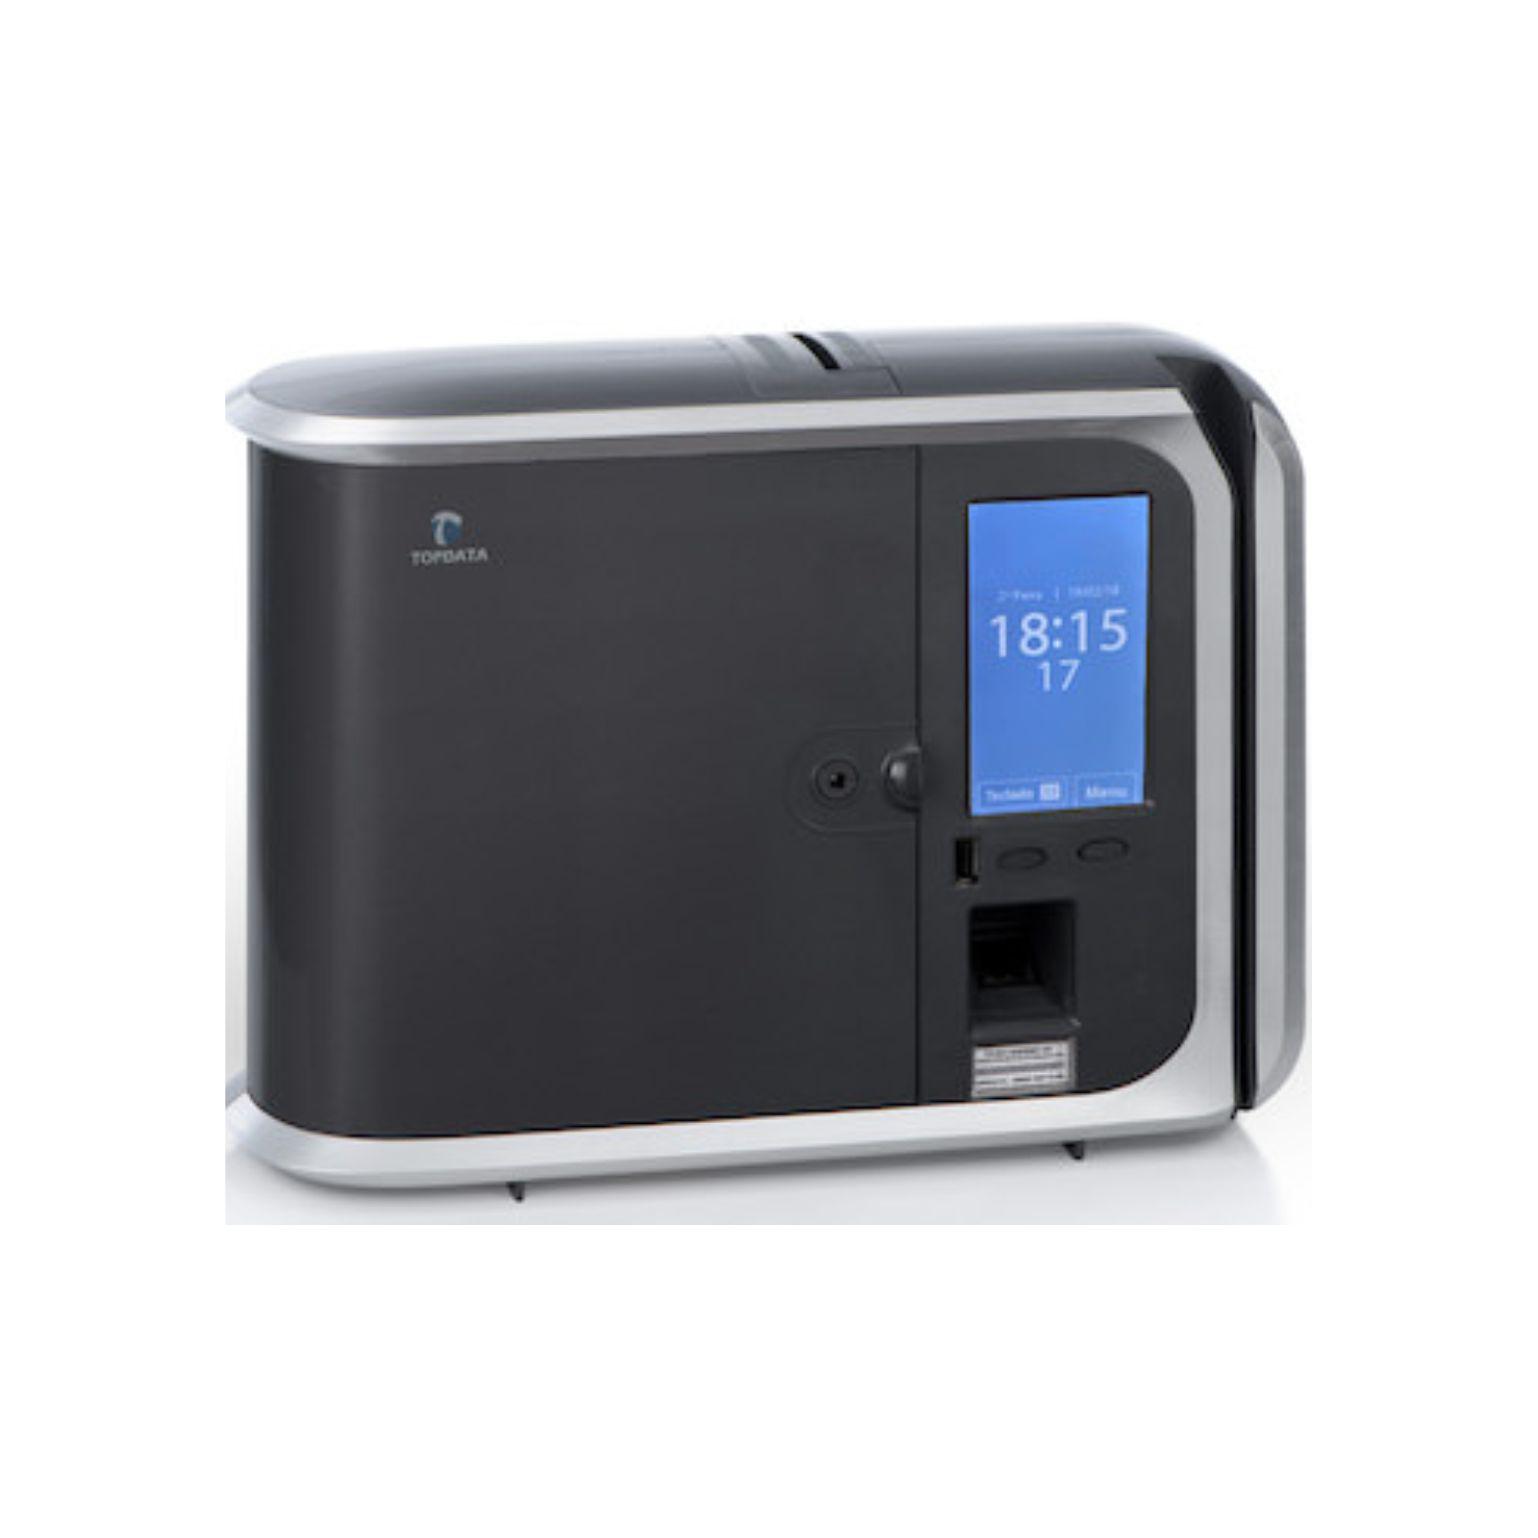 Assinatura Relógio Inner 373 Bio Prox + Software + Manutenção